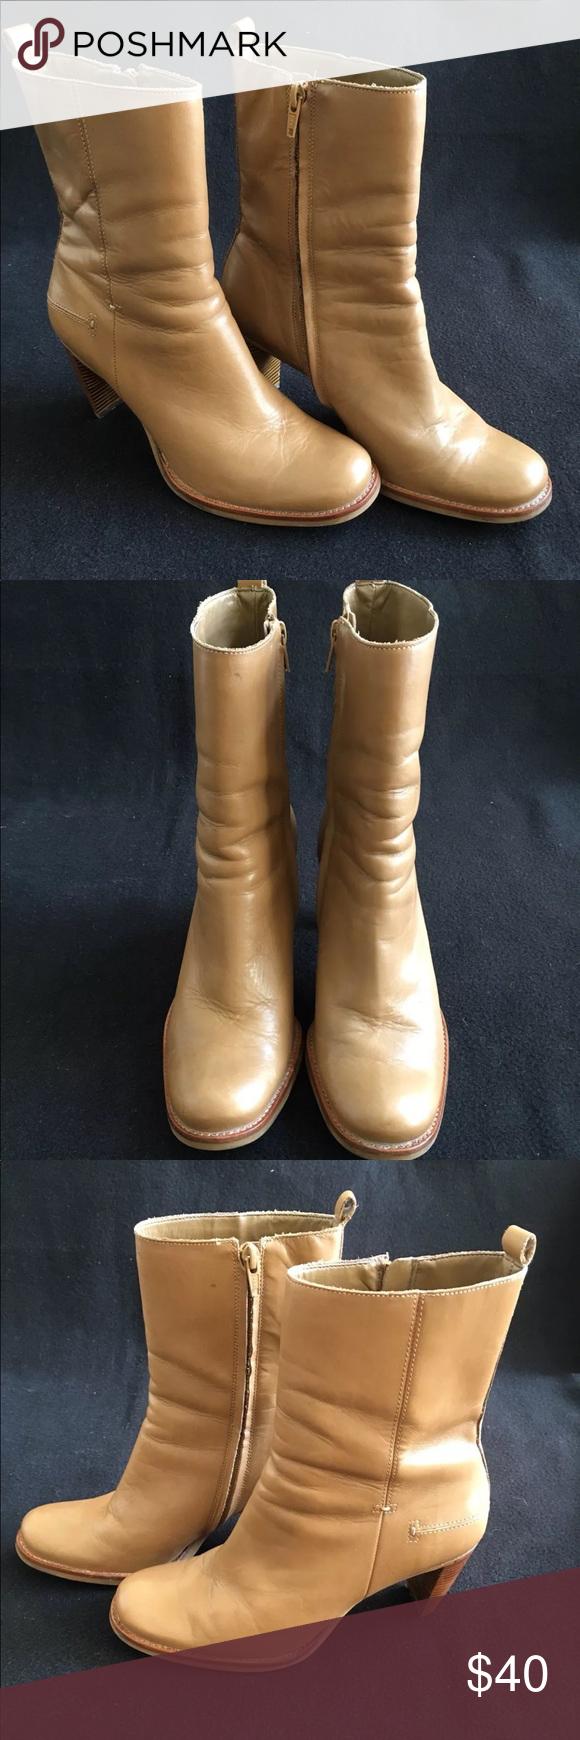 796e44d2c73 Gianni Bini Ladies Tan Boots Size 8.5. Gianni Bini Ladies Tan Boots ...